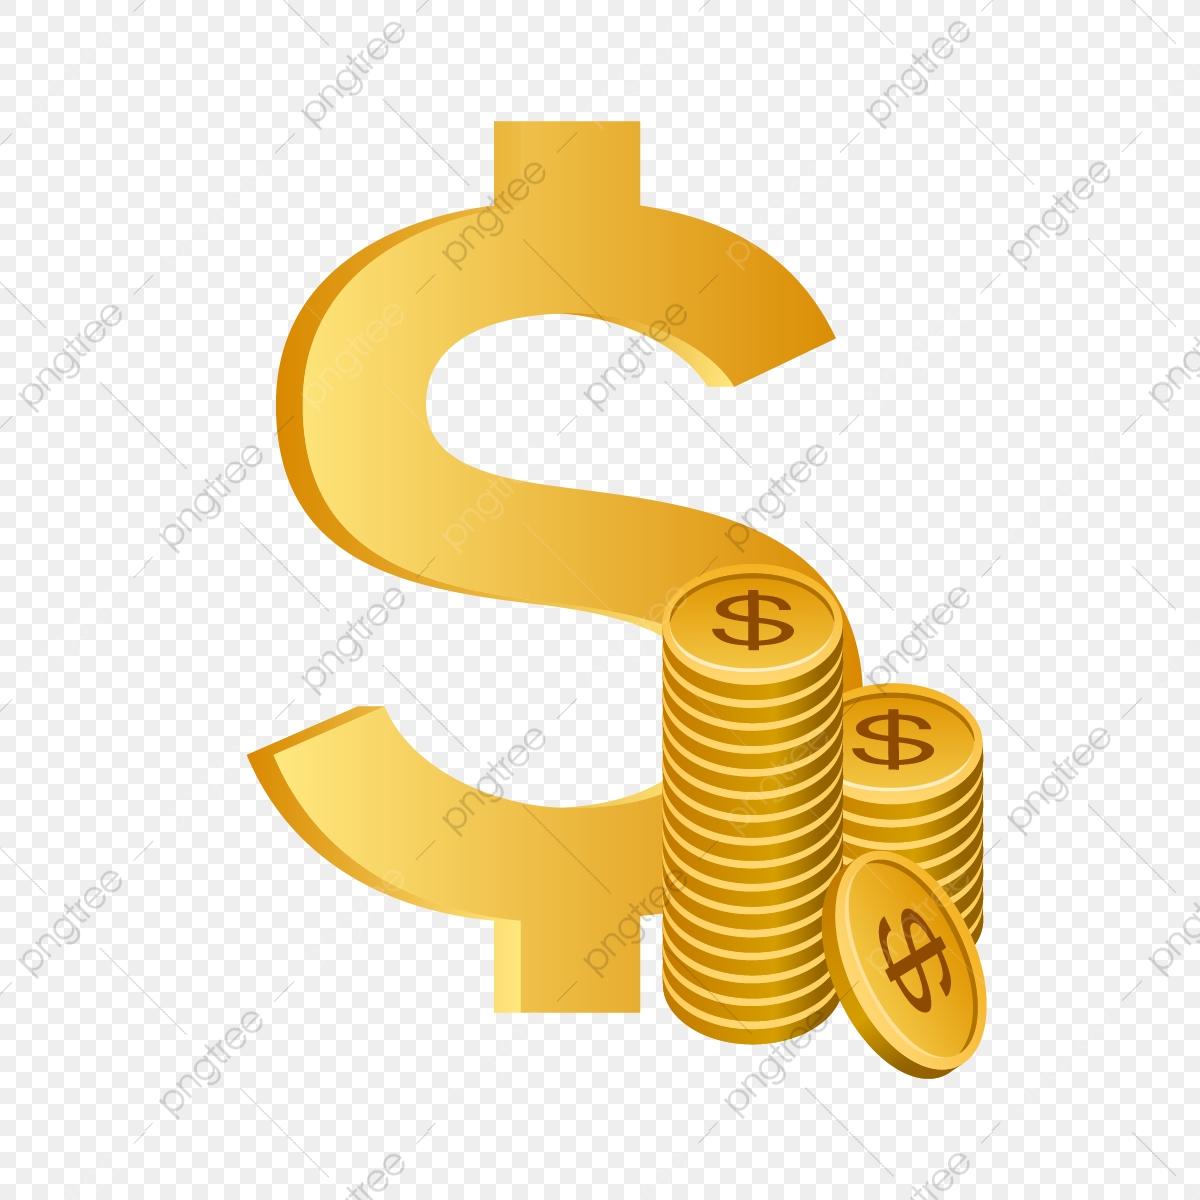 رموز العملات , الرموز الدولية للعملات - عيون الرومانسية